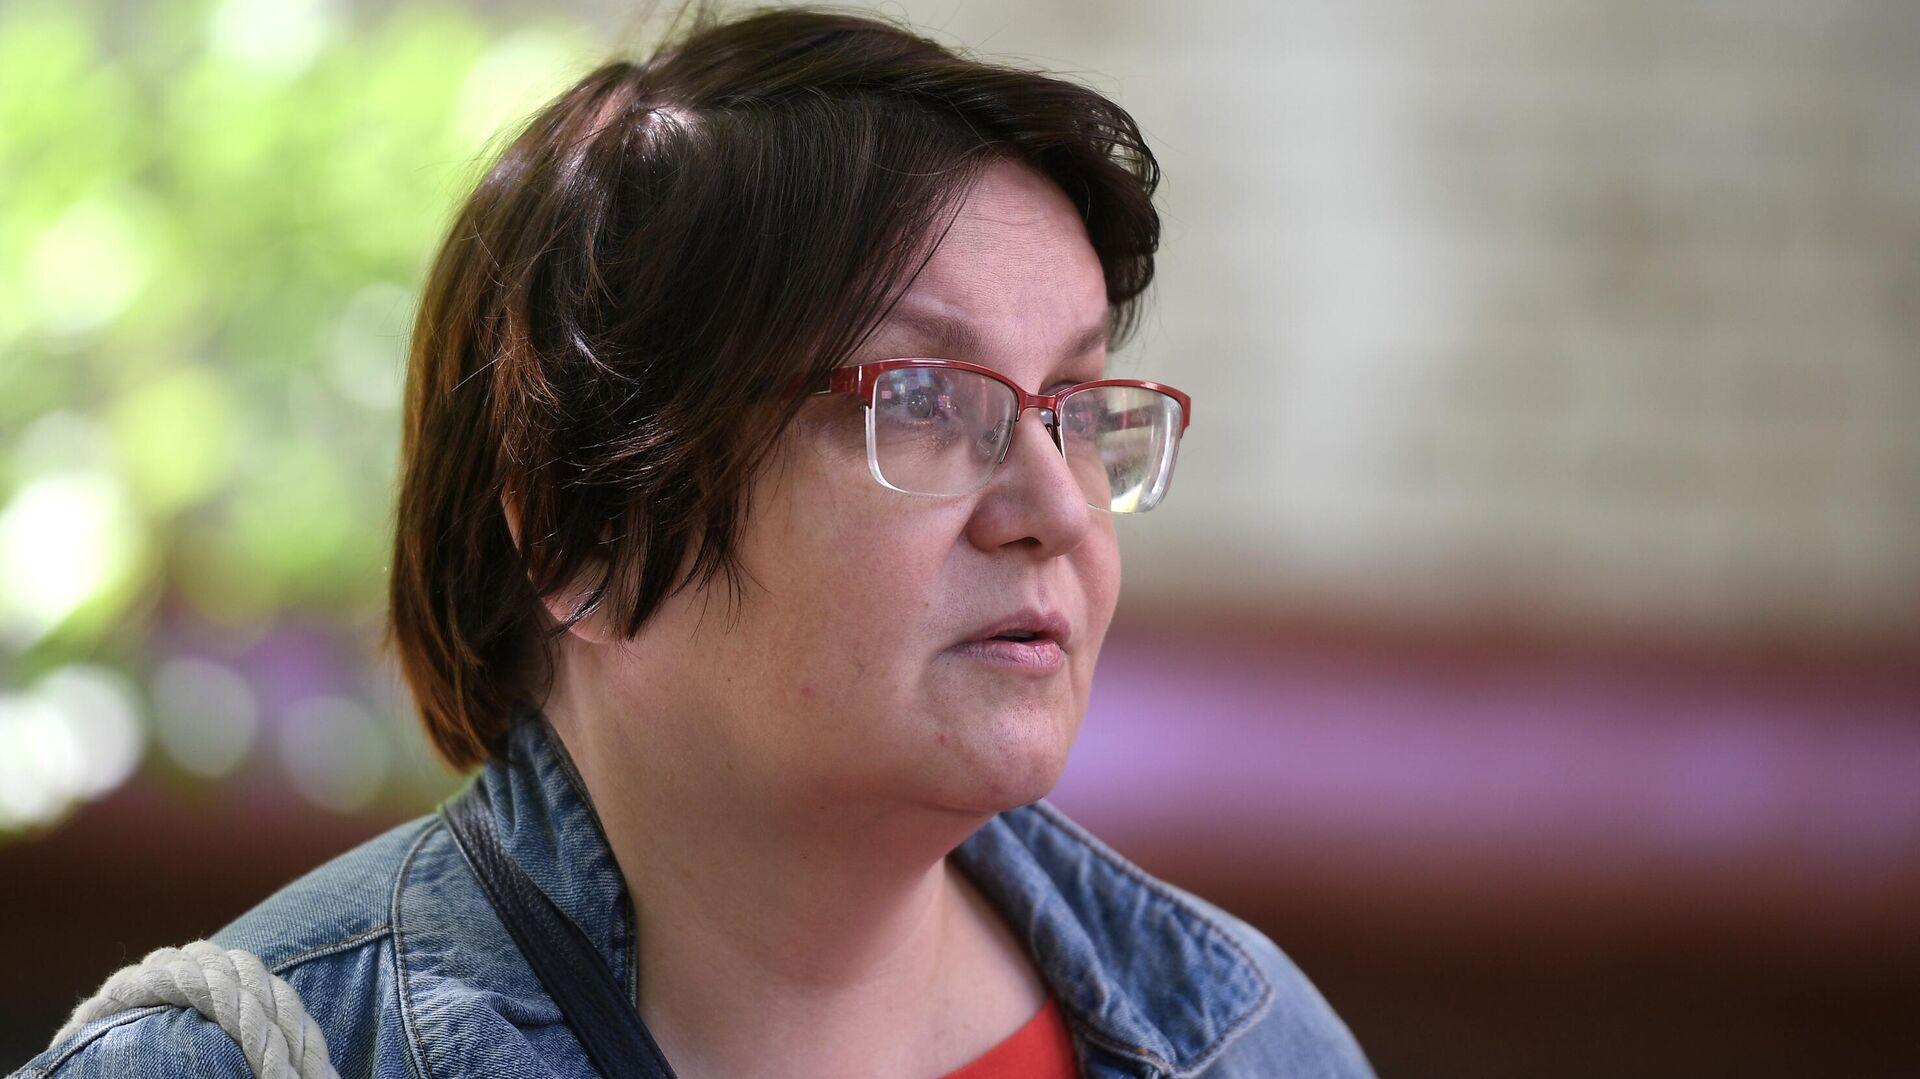 Галямину обвинили в неповиновении полиции, заявил адвокат